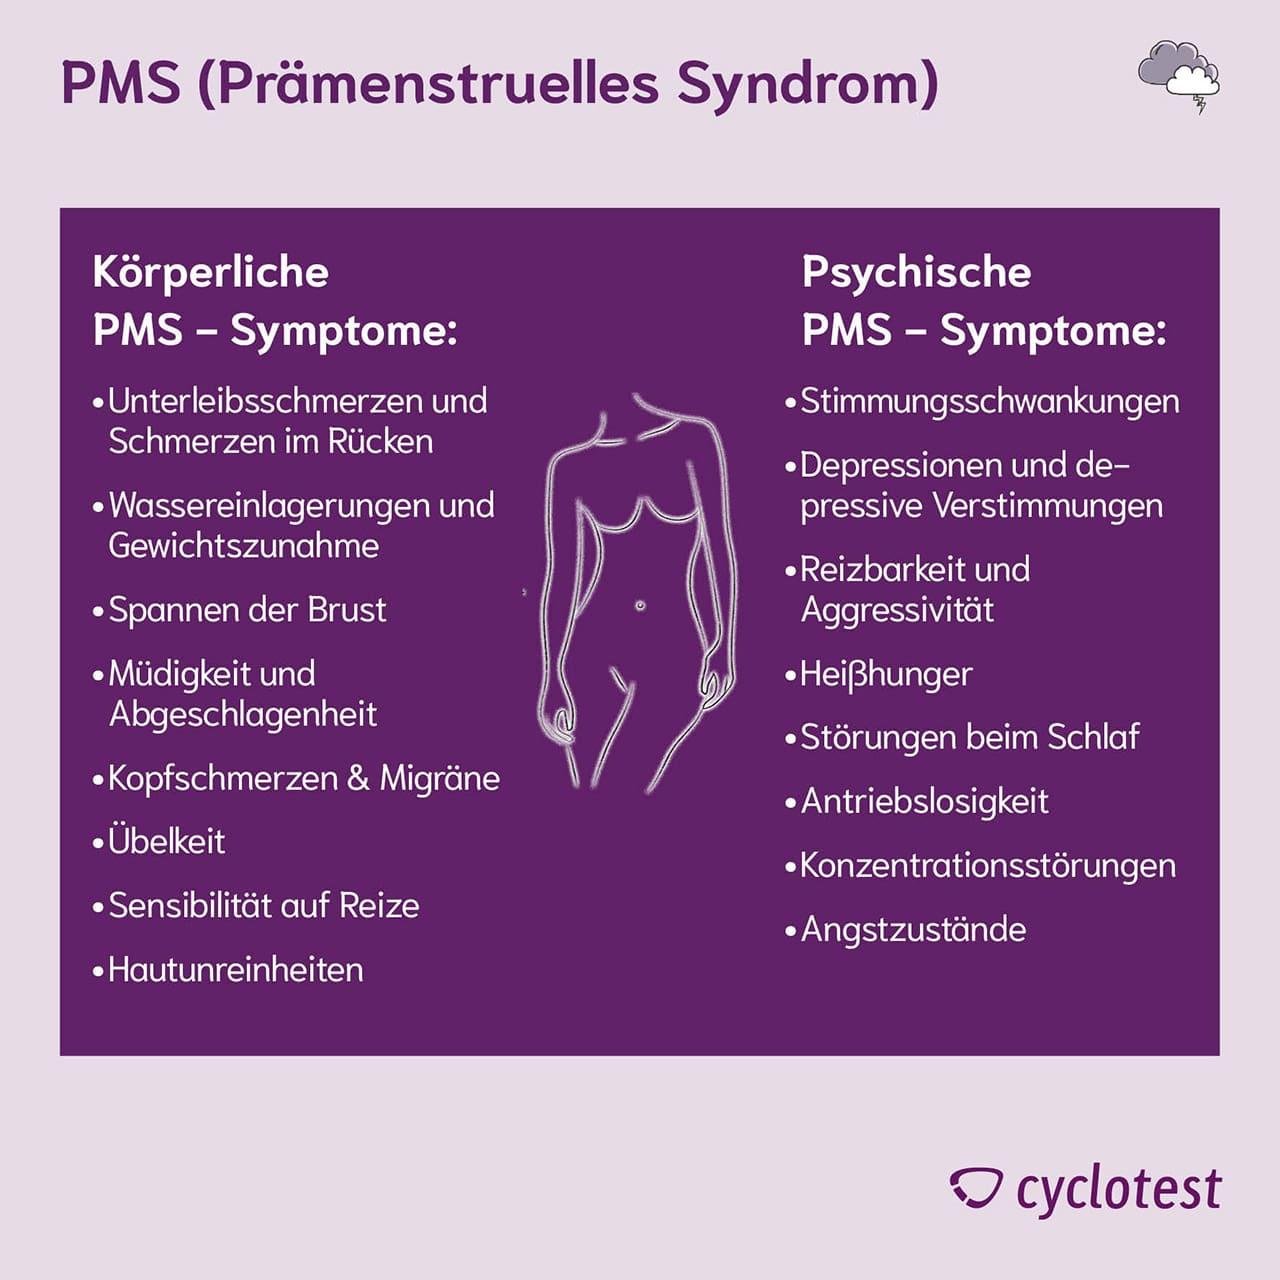 PMS-Symptome werden in körperliche PMS-Symptome und psychische PMS-Symptome unterteilt